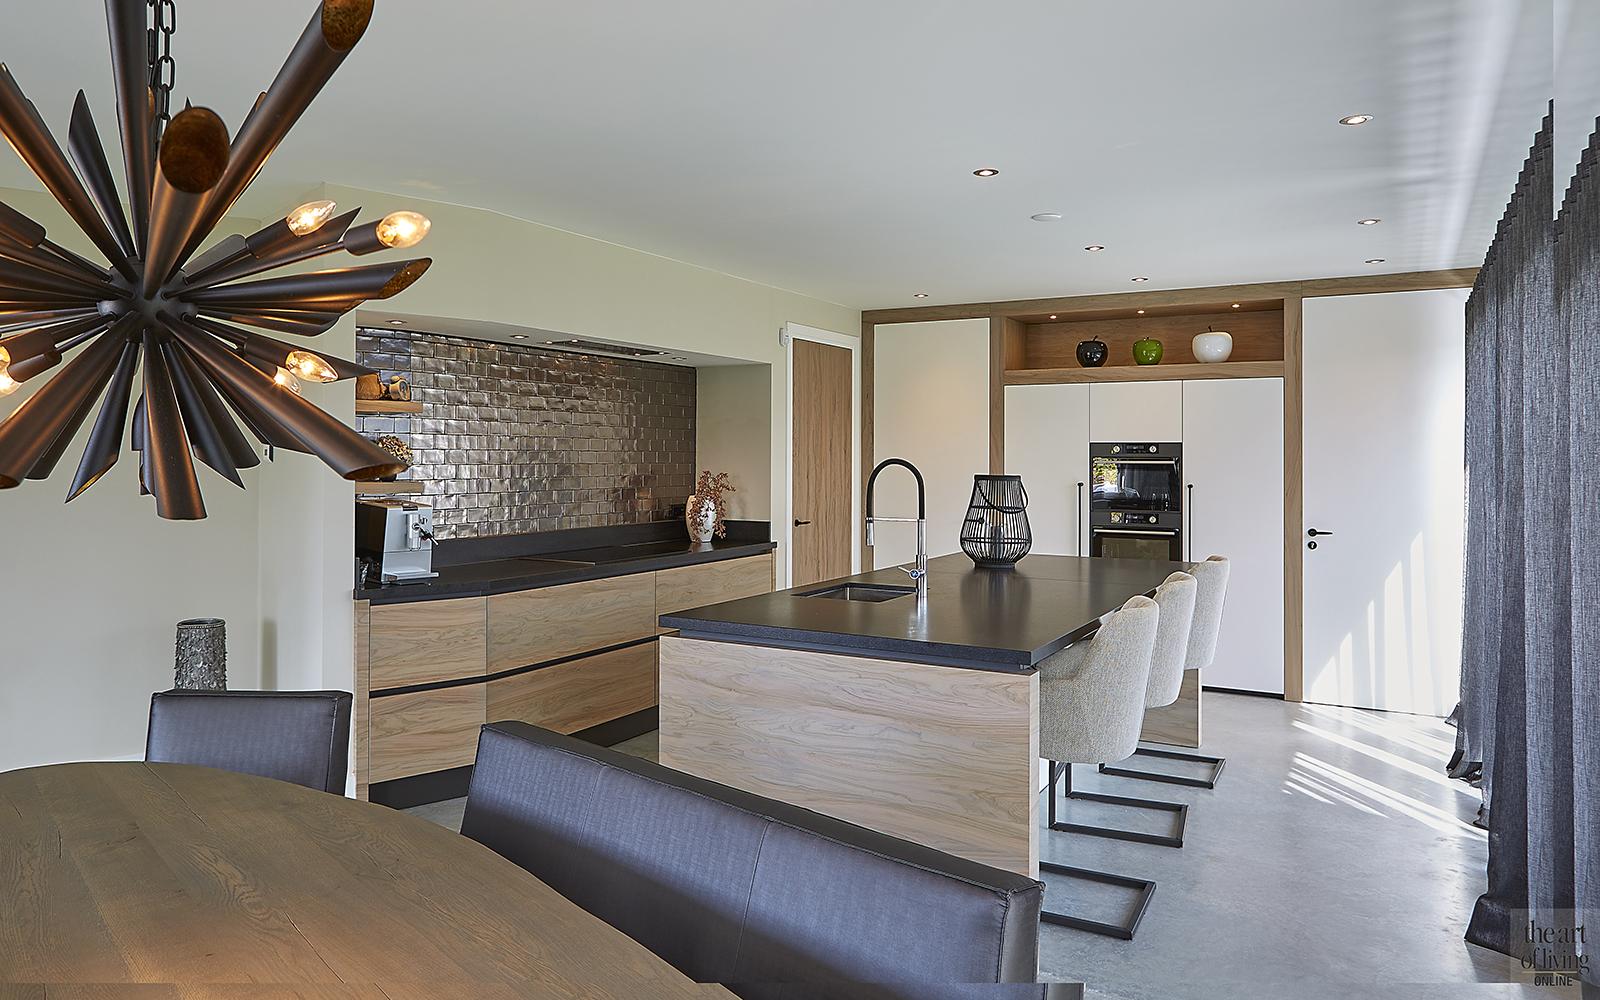 moderne villa, wns architecten, tuin aan waterkant, strakke keuken, moderne keuken, stalen deuren, sfeervolle eethoek